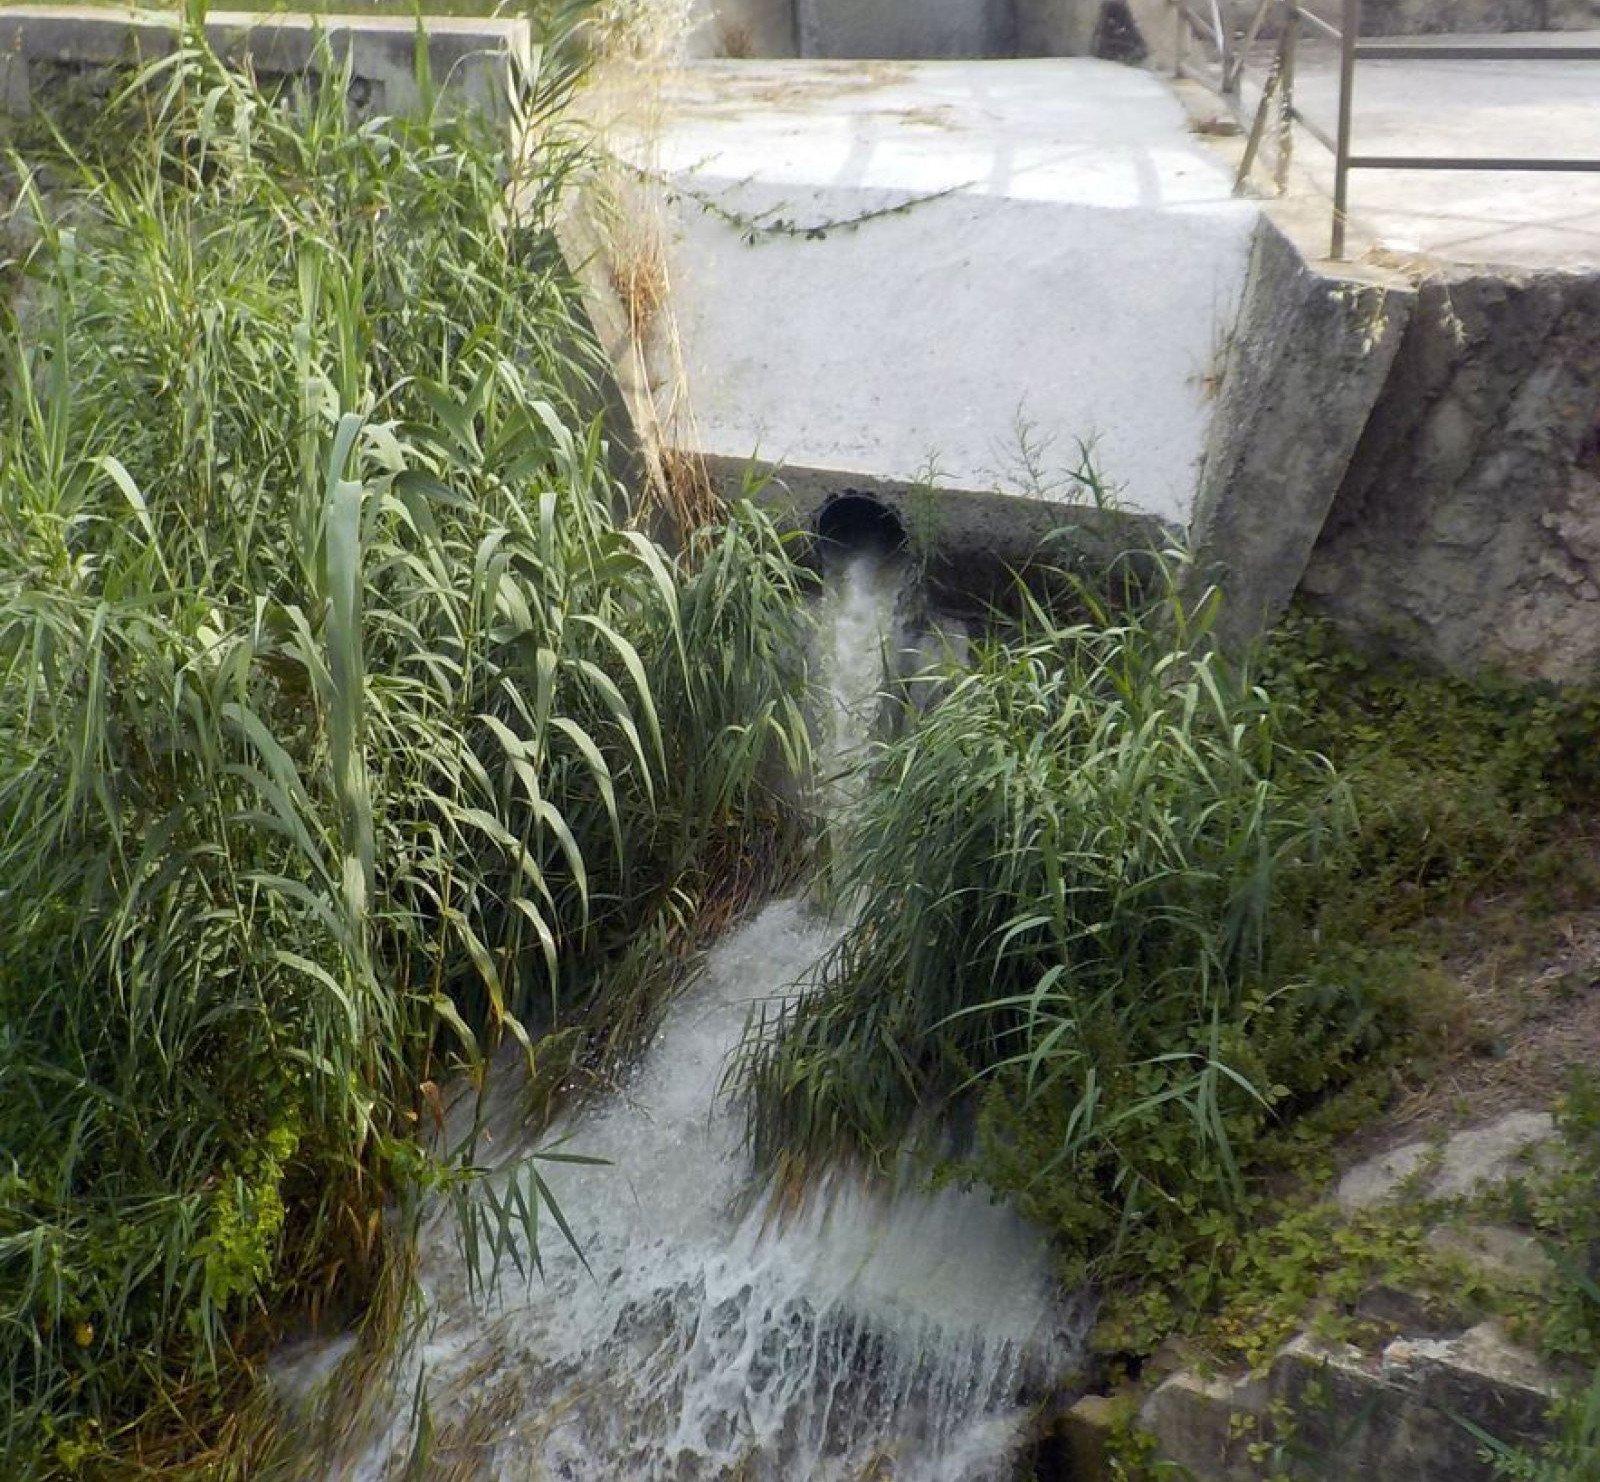 Punt des d'on s'allibera aigua al riu